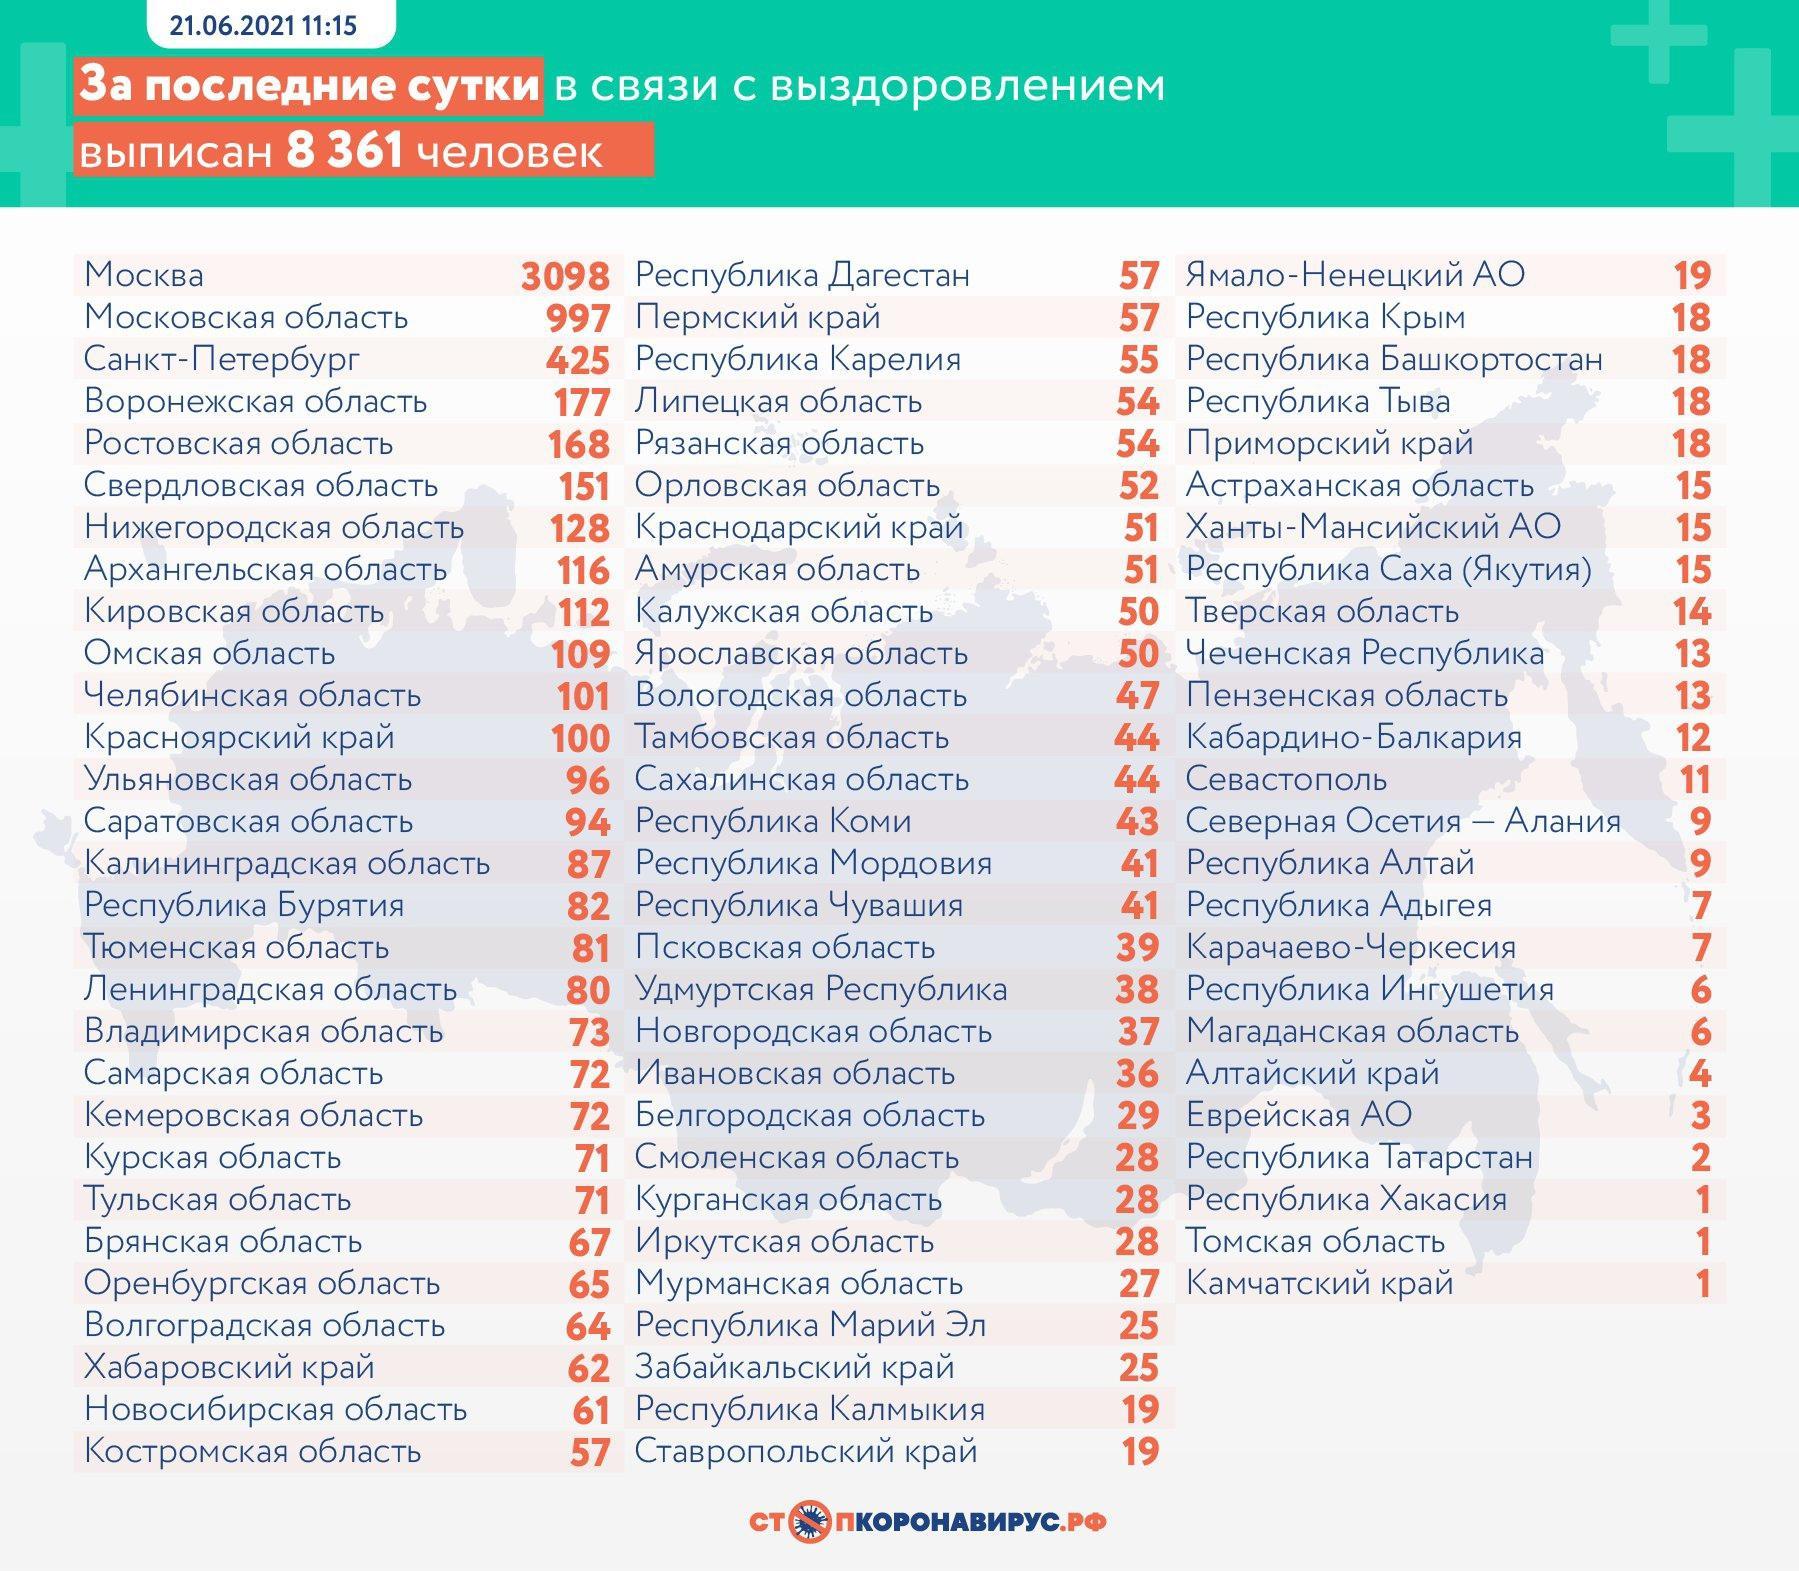 Фото 17 378 новых случаев заболевания COVID-19 выявили в России за сутки 3